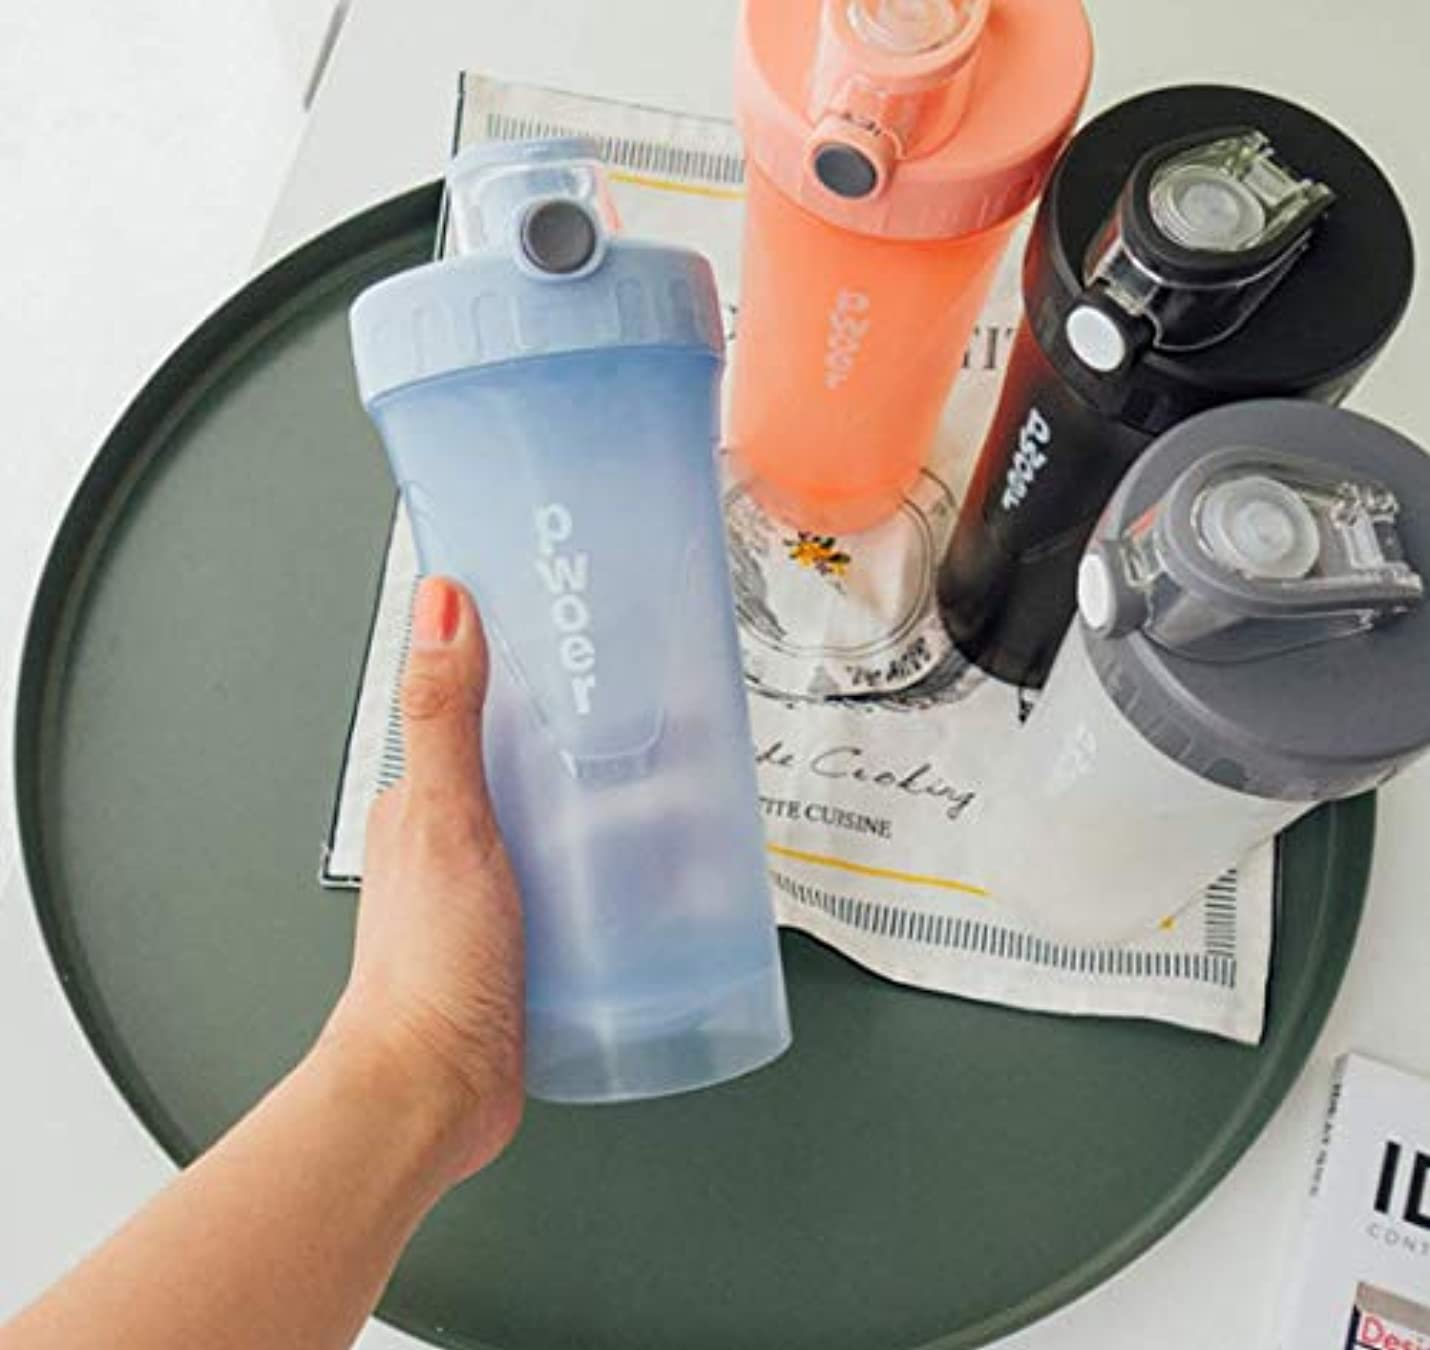 凍結黙認するはさみプロテインシェーカー 栄養錠剤ビタミン入れ ダイエットドリンク用 タンパク質パウダーミキサーボルト 栄養補給 プロテイン 収納ケース 水筒 漏れ防止 シェーカーボトル